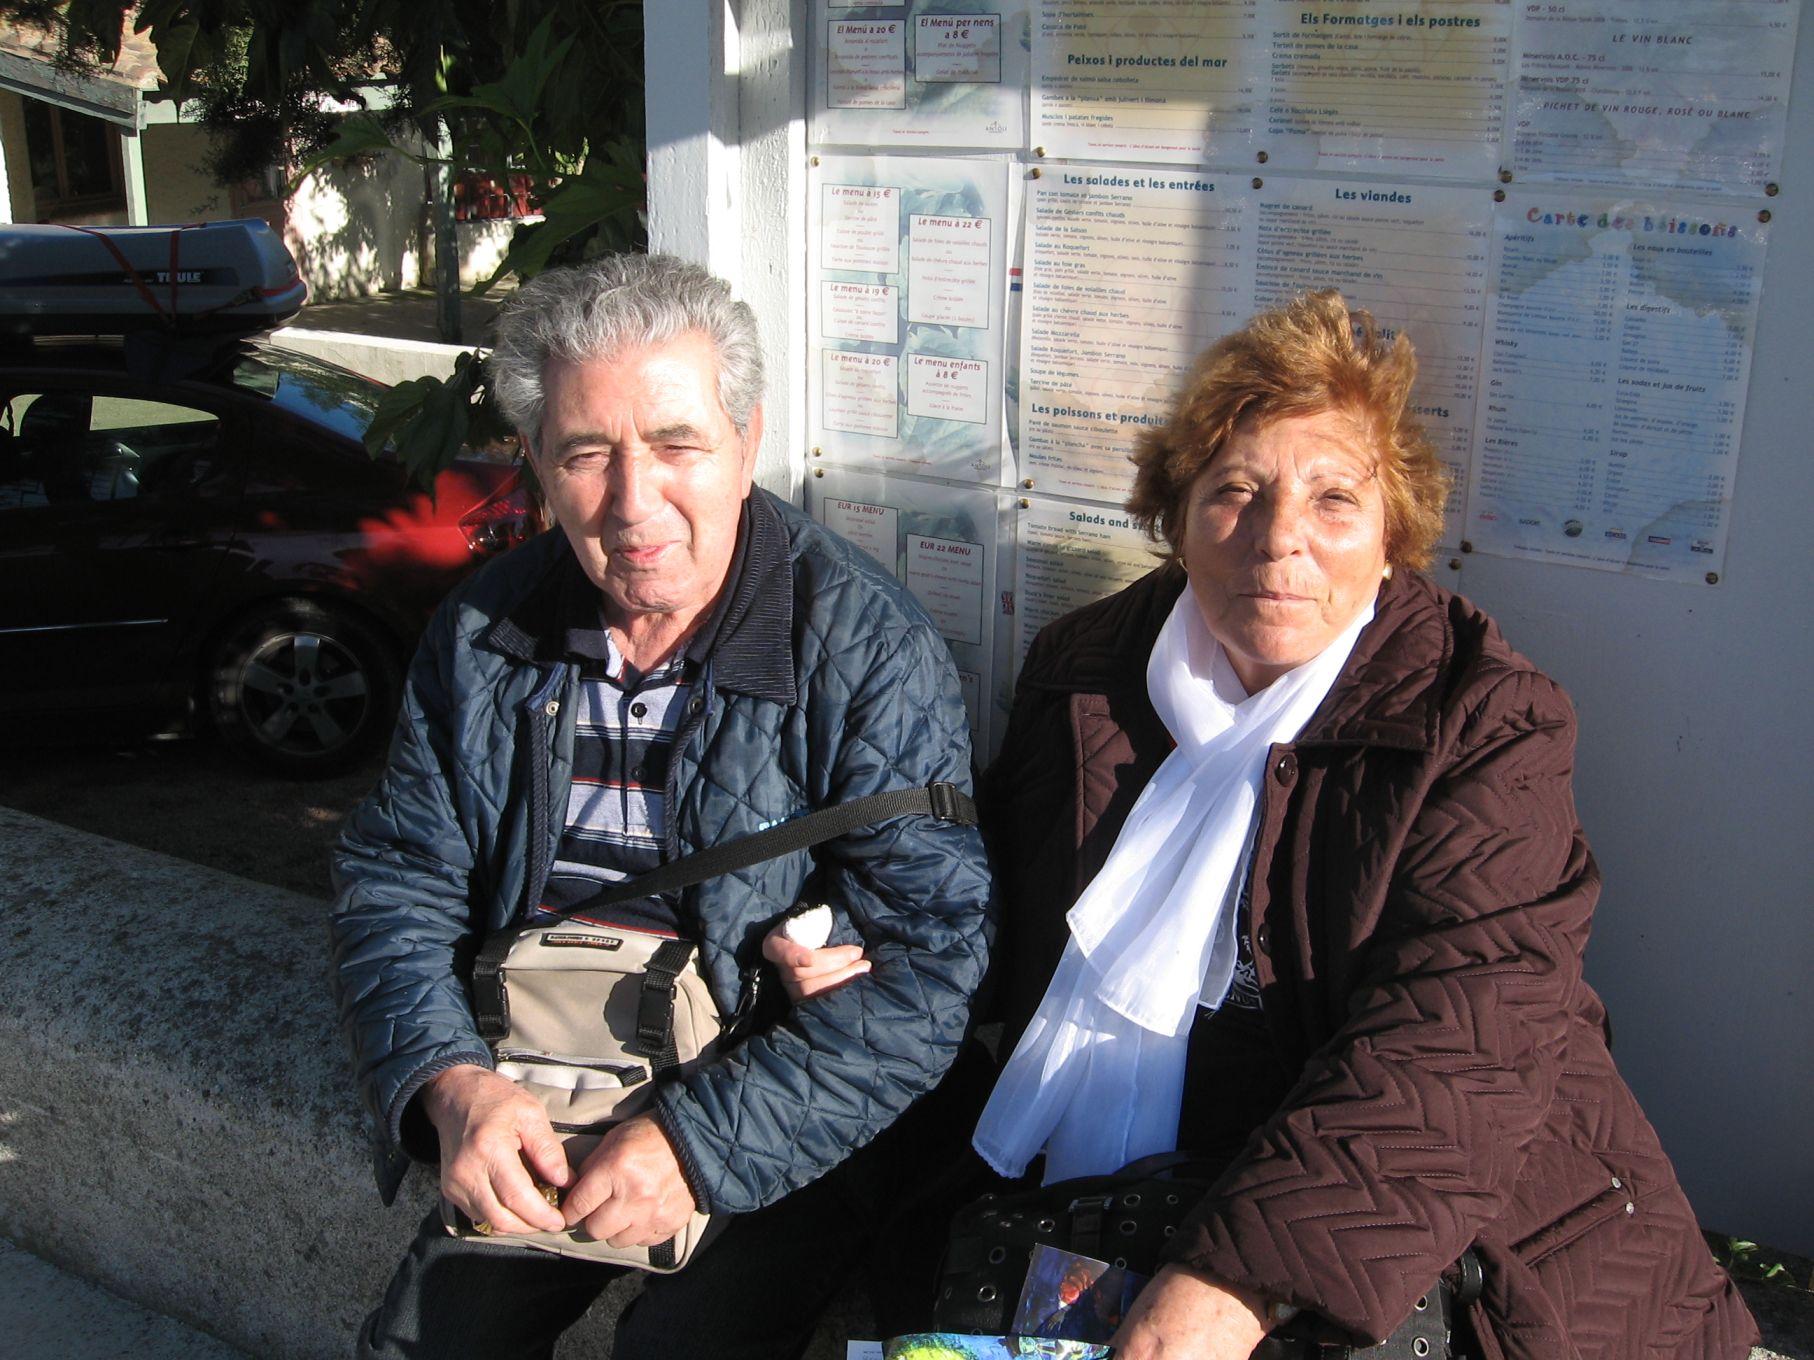 Lourdes-2009-10-26--15.22.46